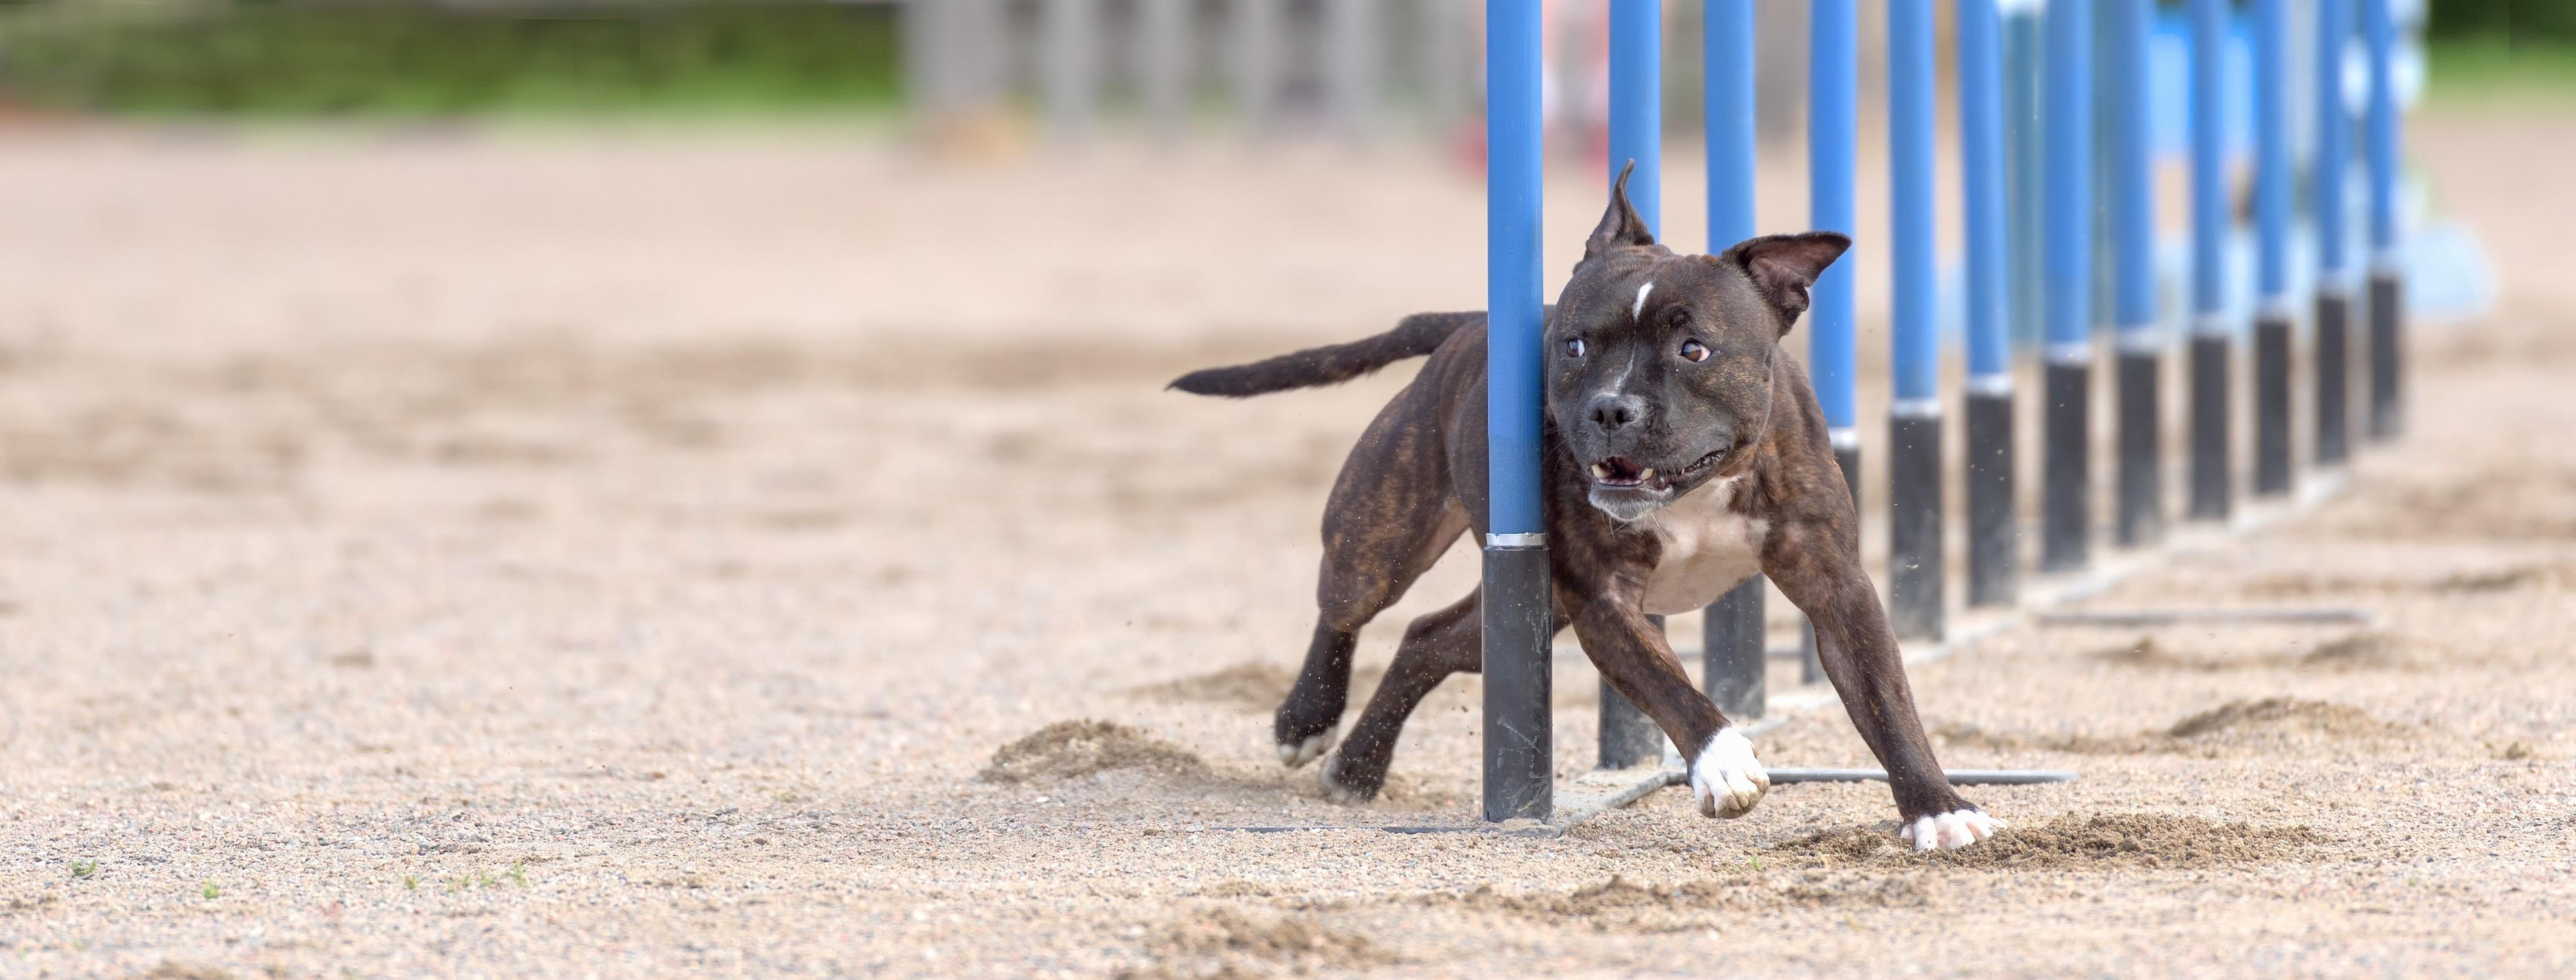 Staffordshire bull terrier qui fait de l'agility